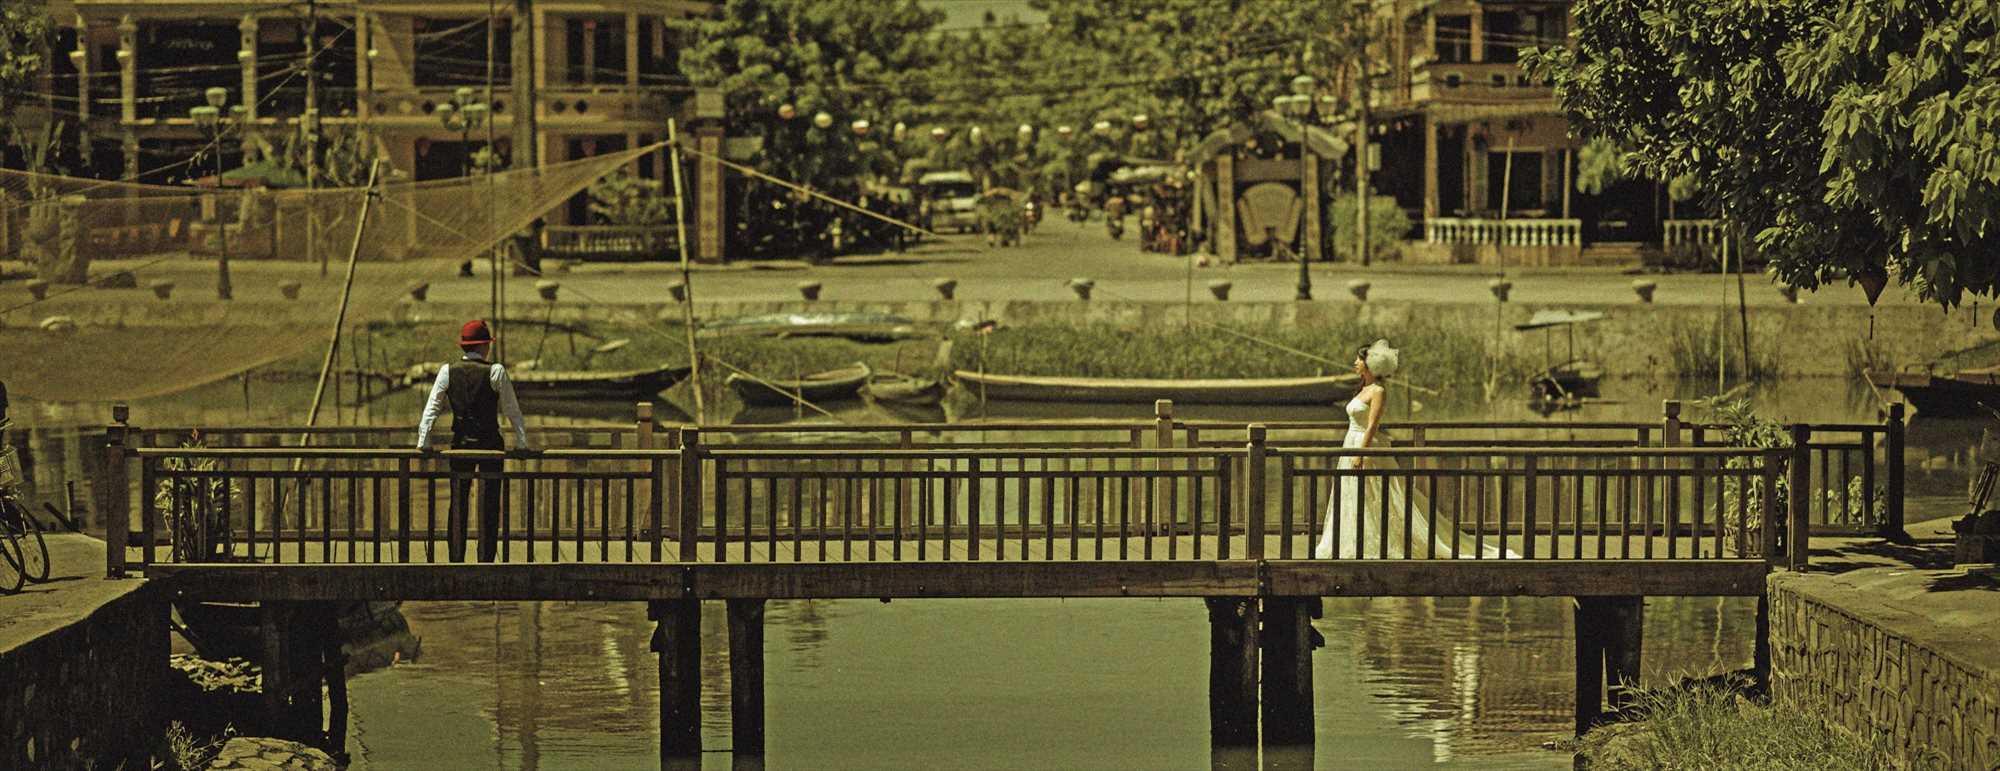 ベトナム・ホイアン・フォトウェディング<br /> Hoian Old Town<br /> ホイアン旧市街